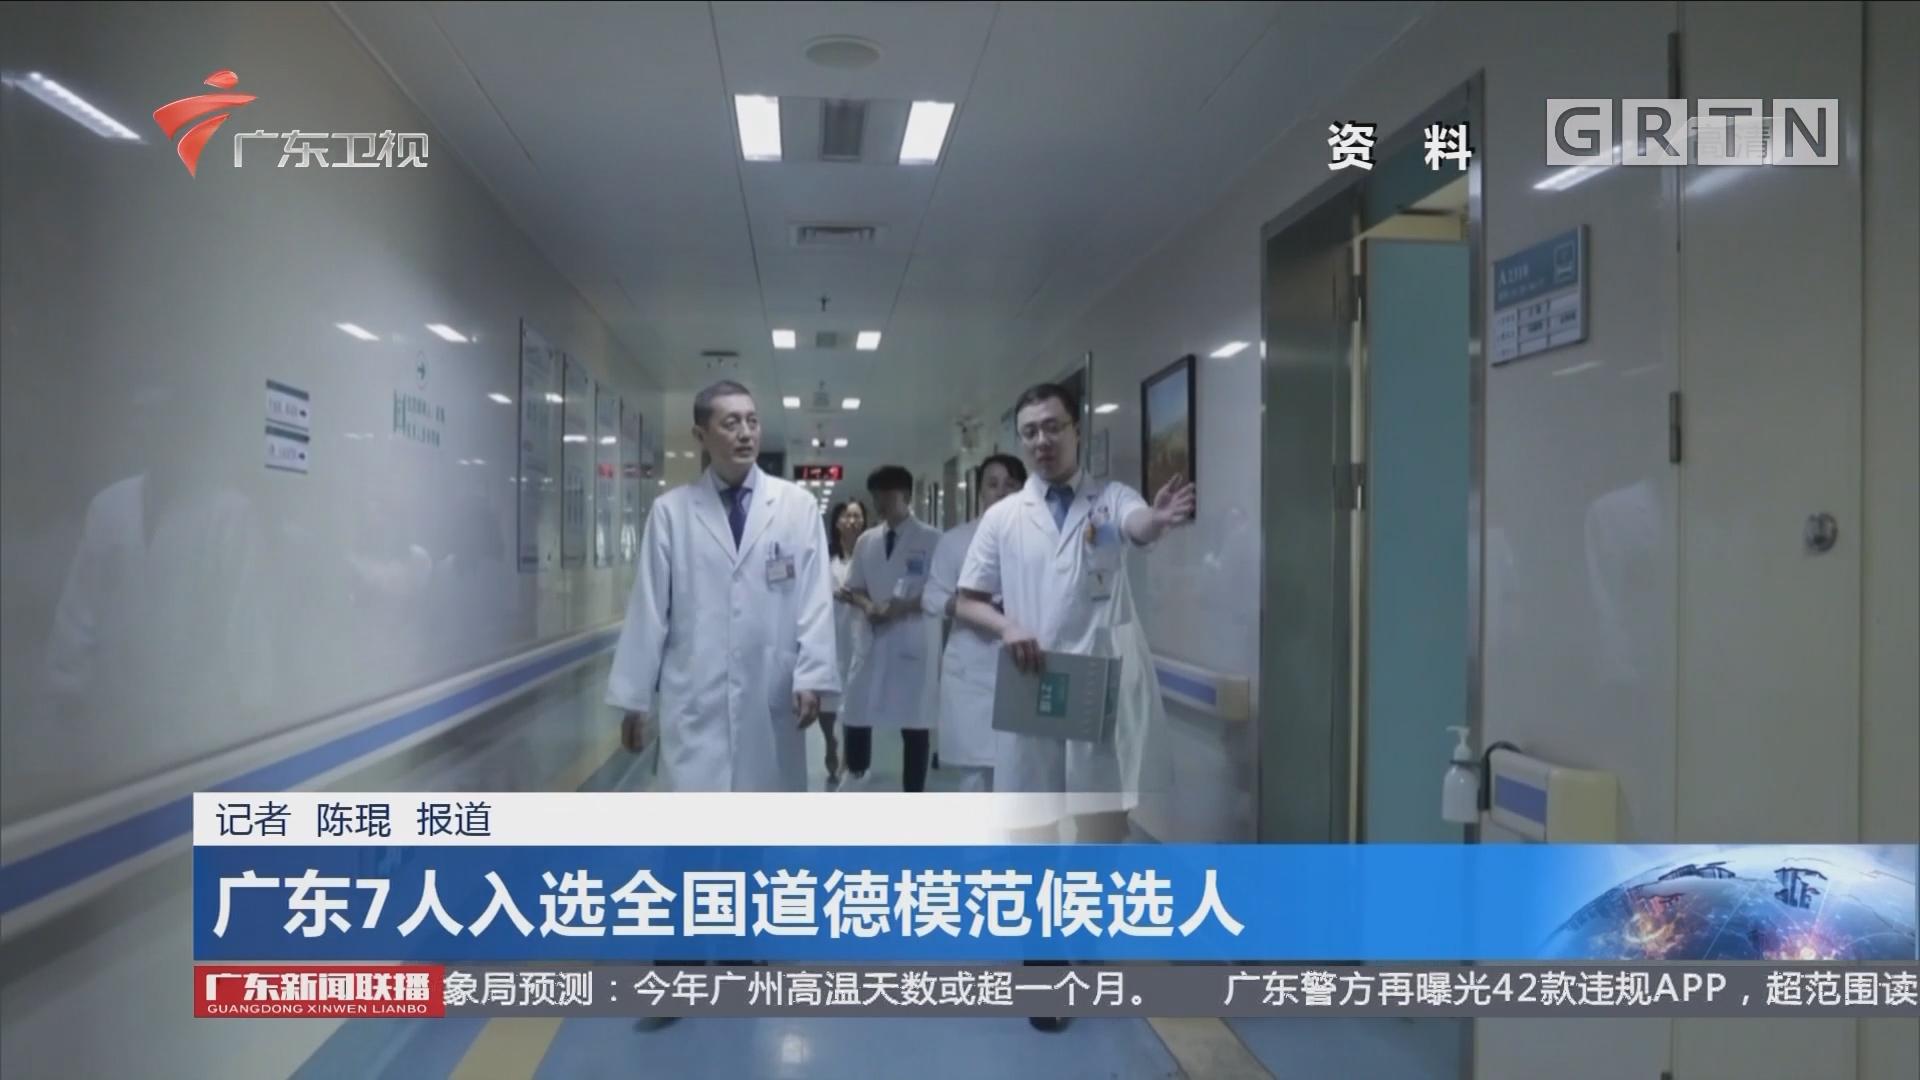 廣東7人入選全國道德模范候選人